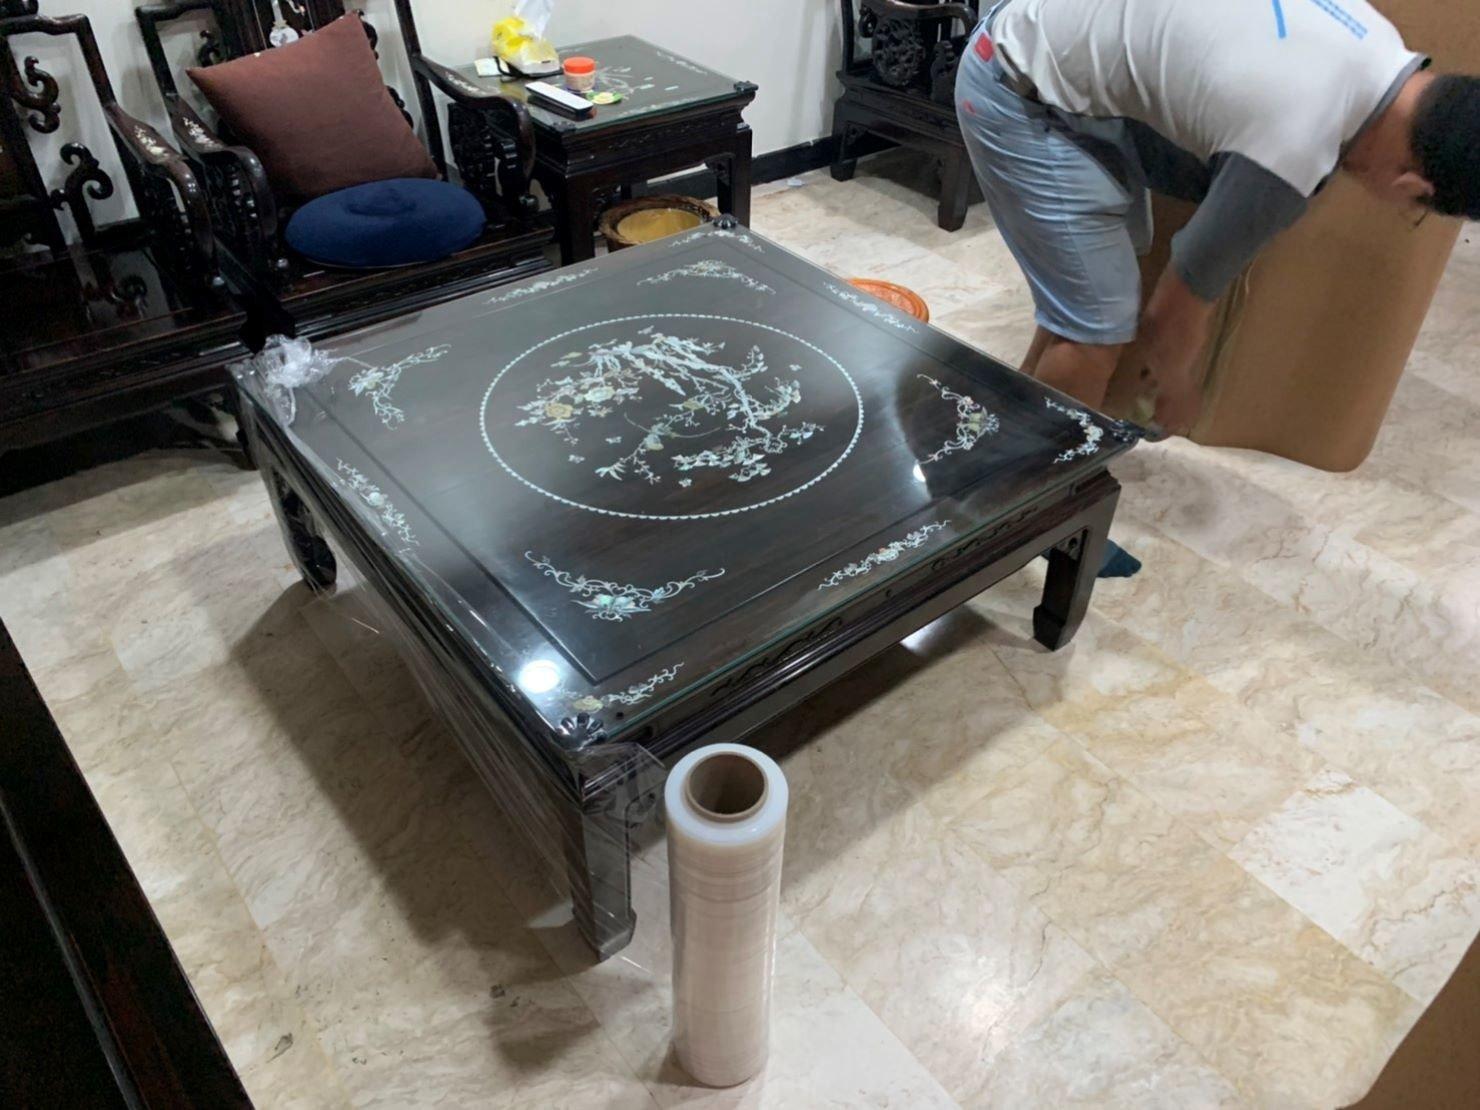 【榮福搬家公司】口碑第一、台北搬家推薦:紅木雕刻桌加上玻璃桌面,做了三層的防護包裝給予顧客大大放心。